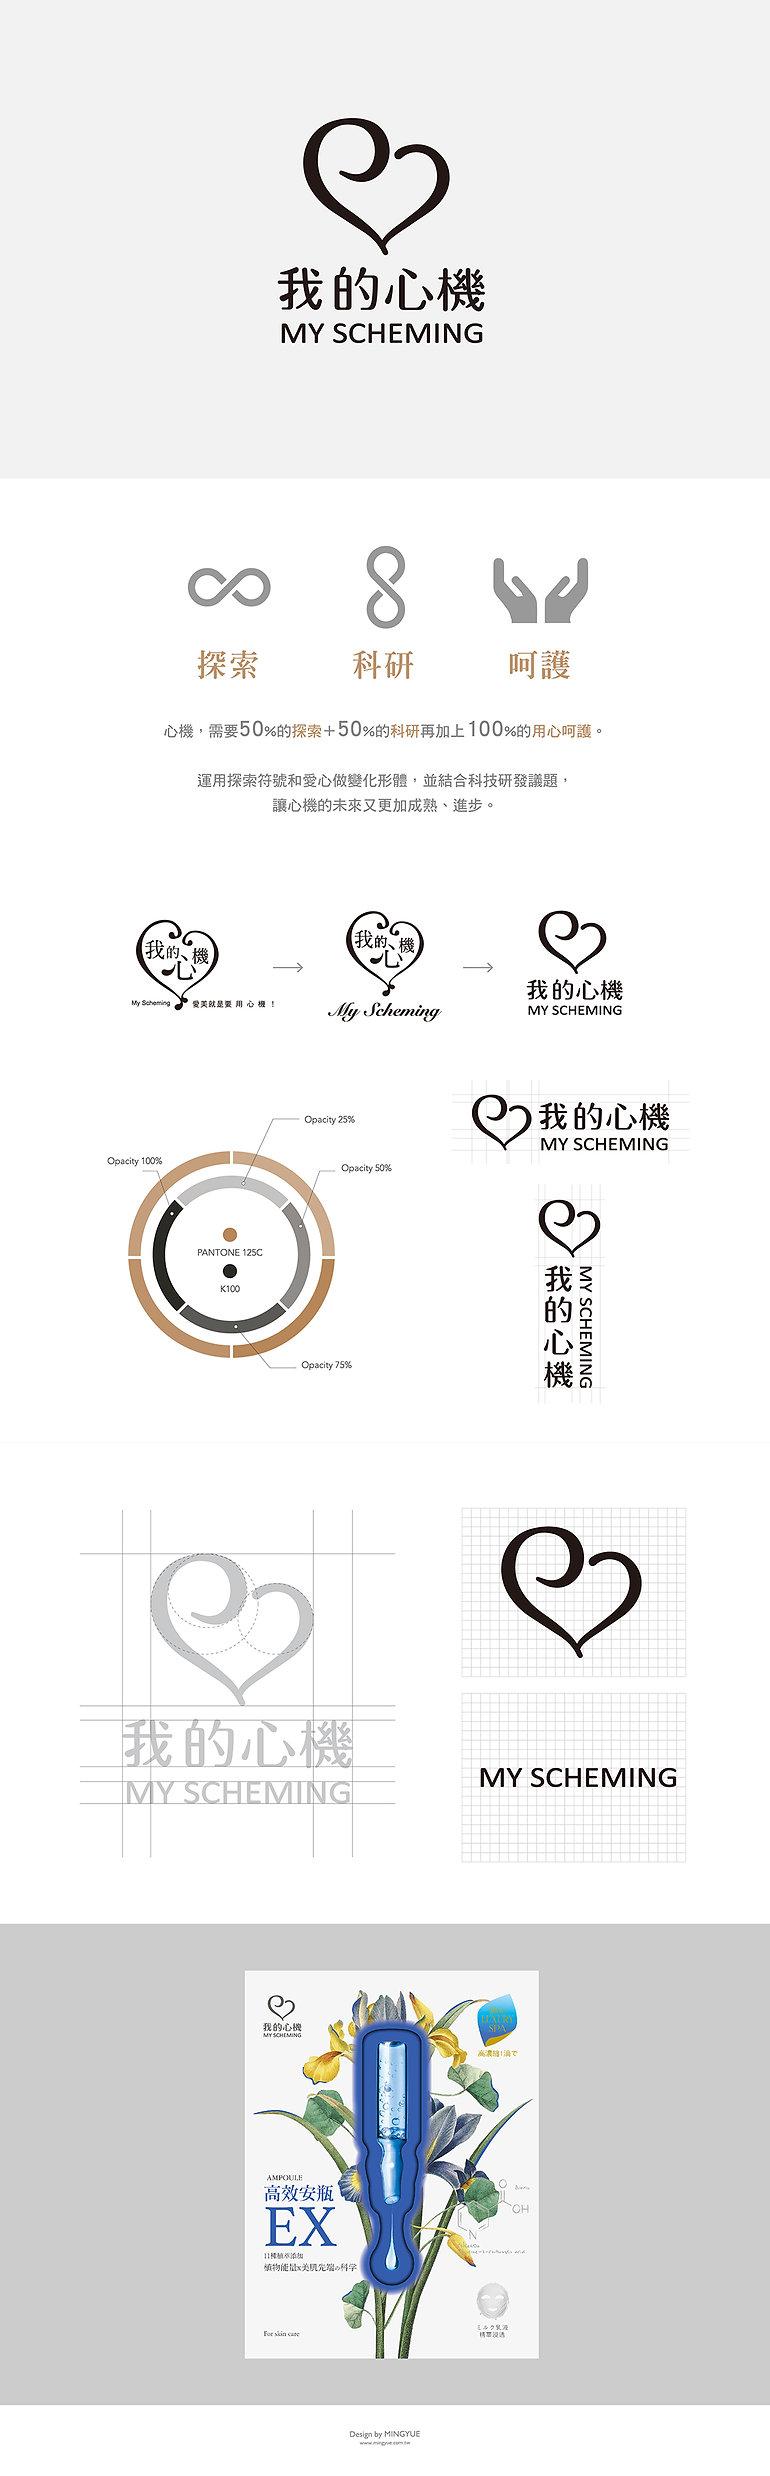 我的心機品牌設計.jpg